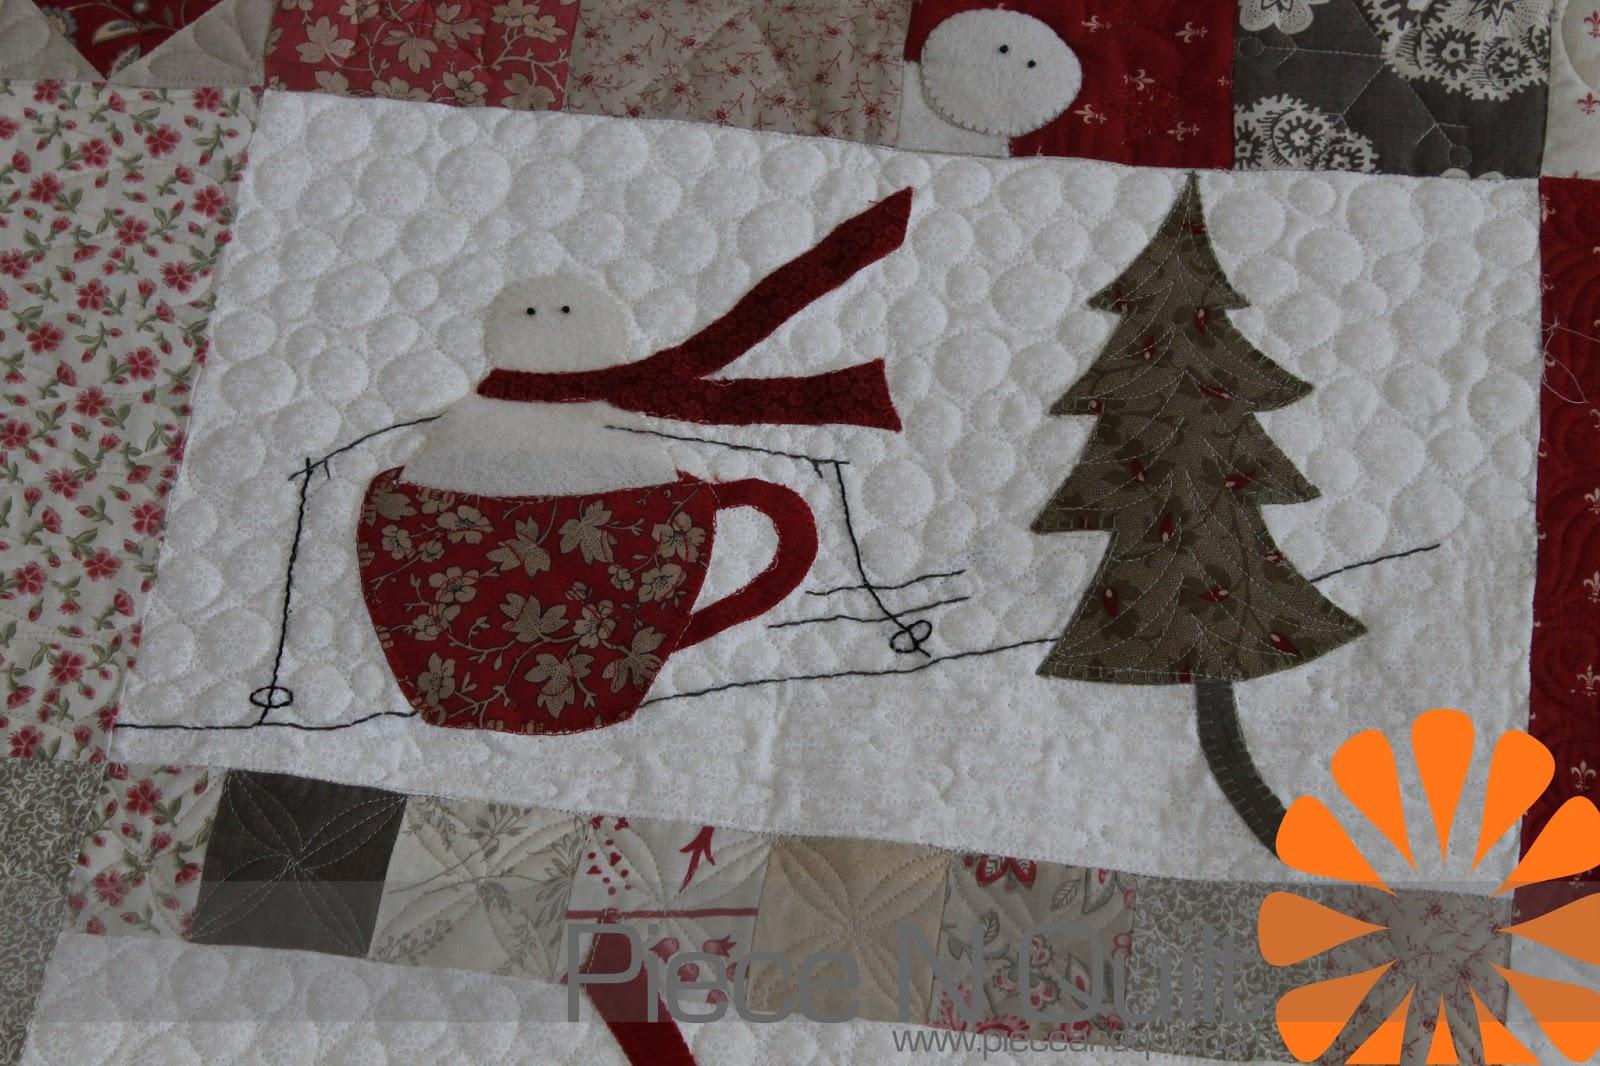 Piece N Quilt Merry Merry Snowmen A Winter Quilt